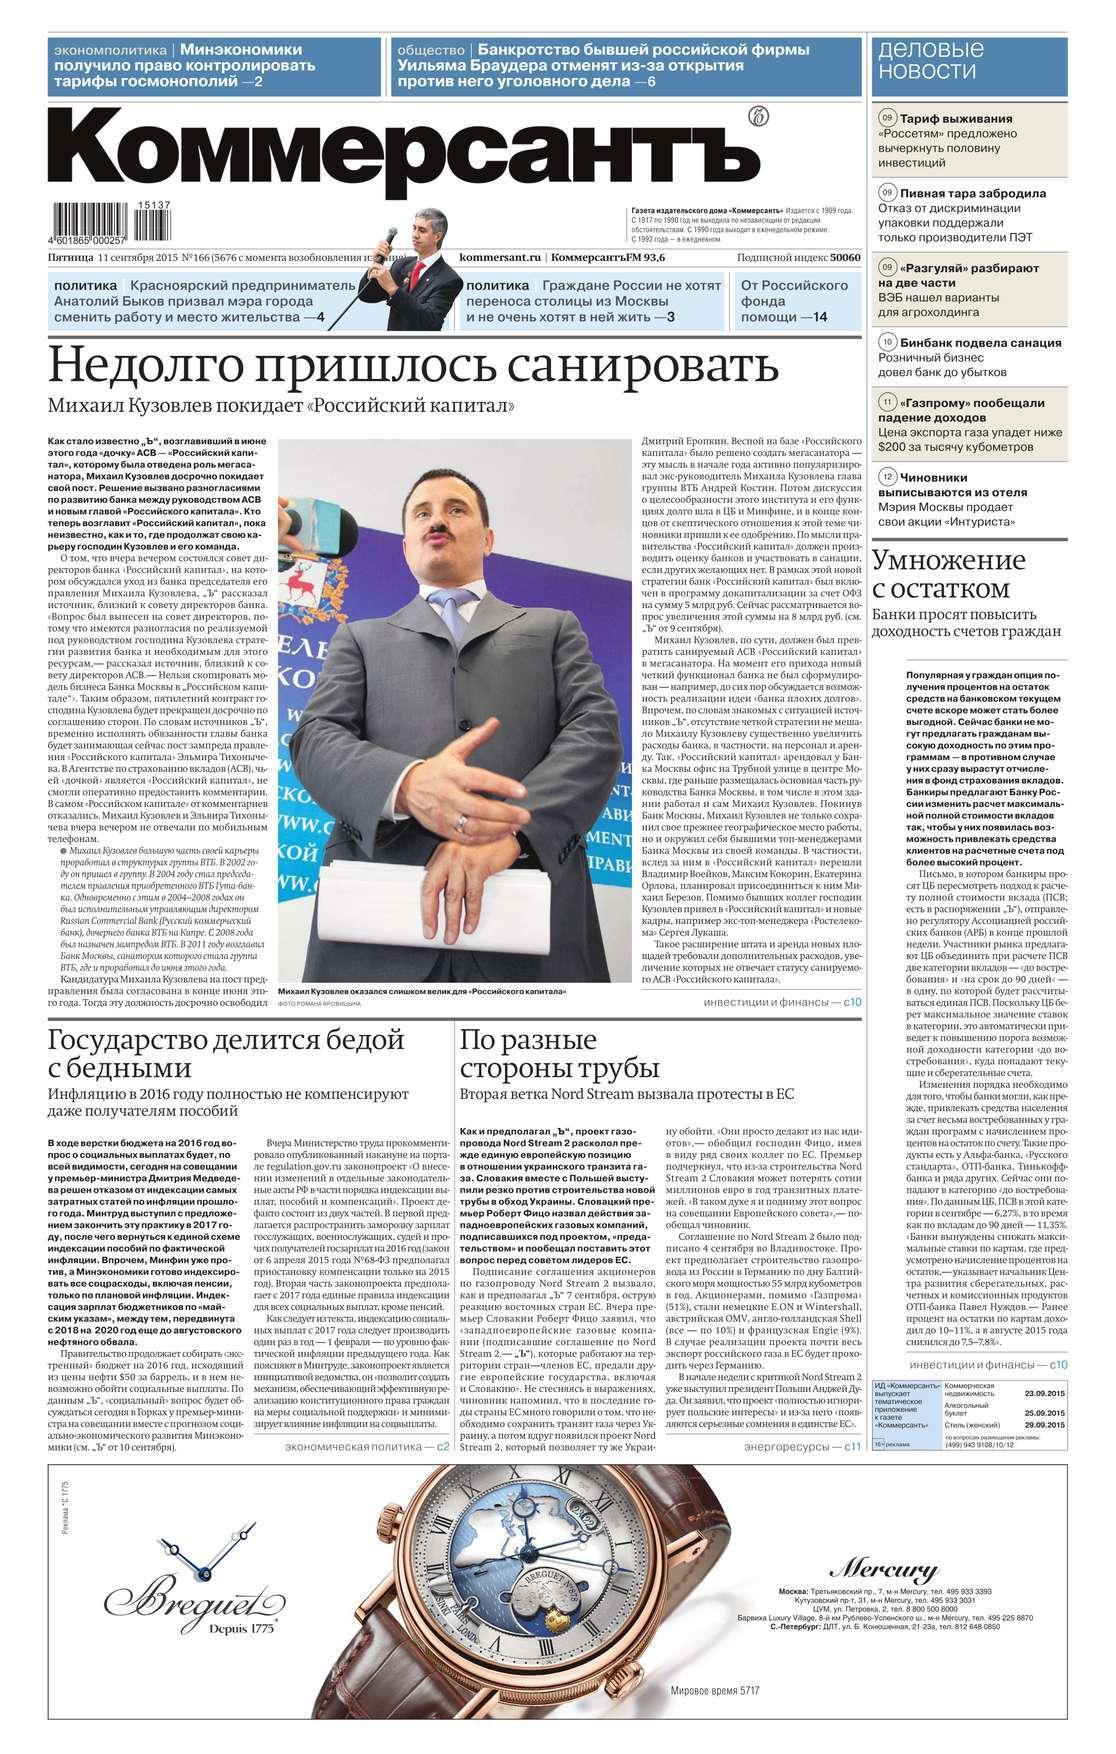 Скачать КоммерсантЪ 166-2015 бесплатно Редакция газеты КоммерсантЪ